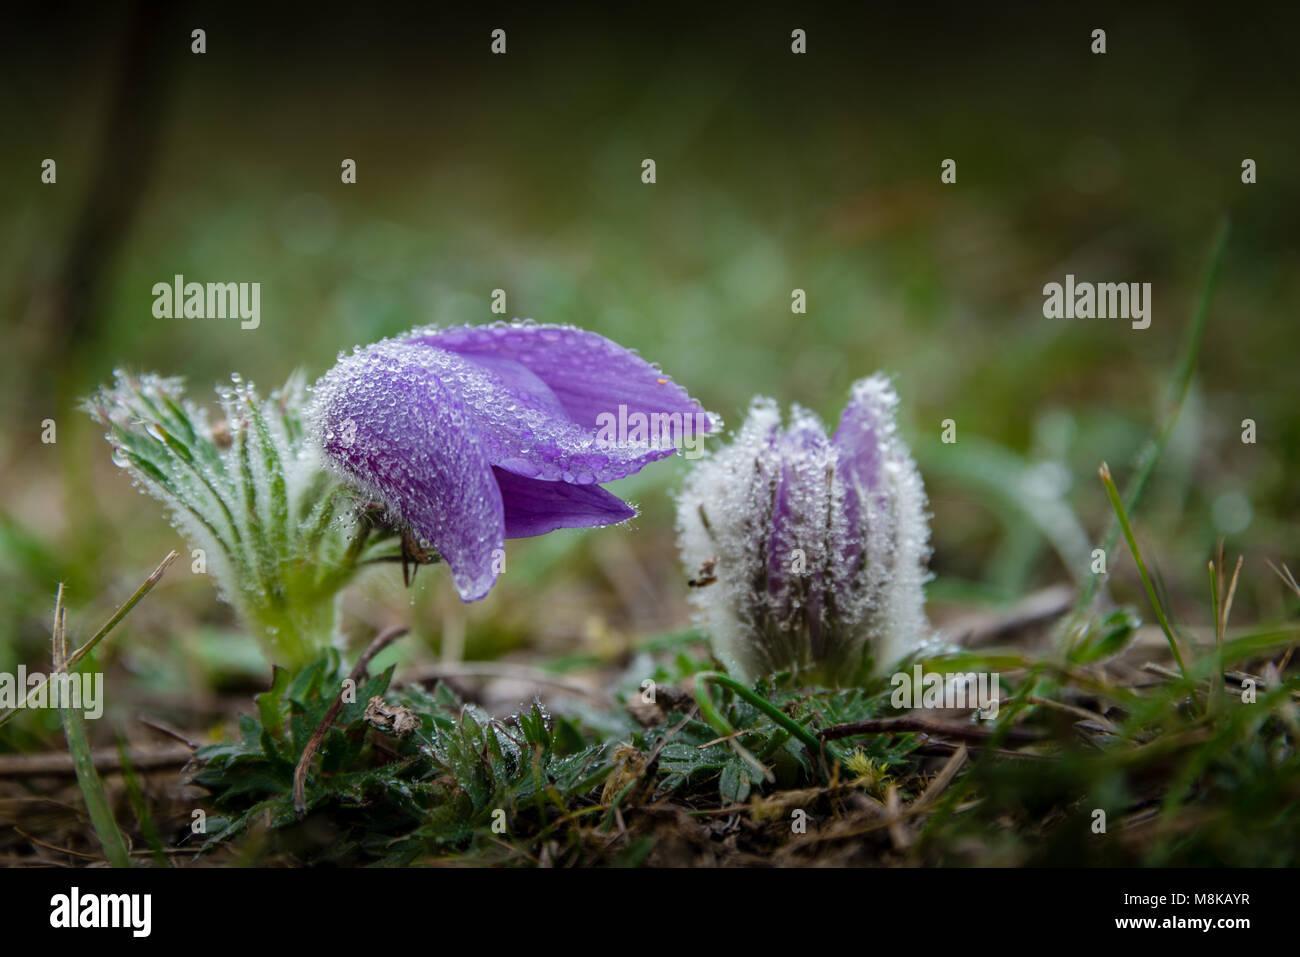 Große Kuhschelle im Herbst - Stock Image